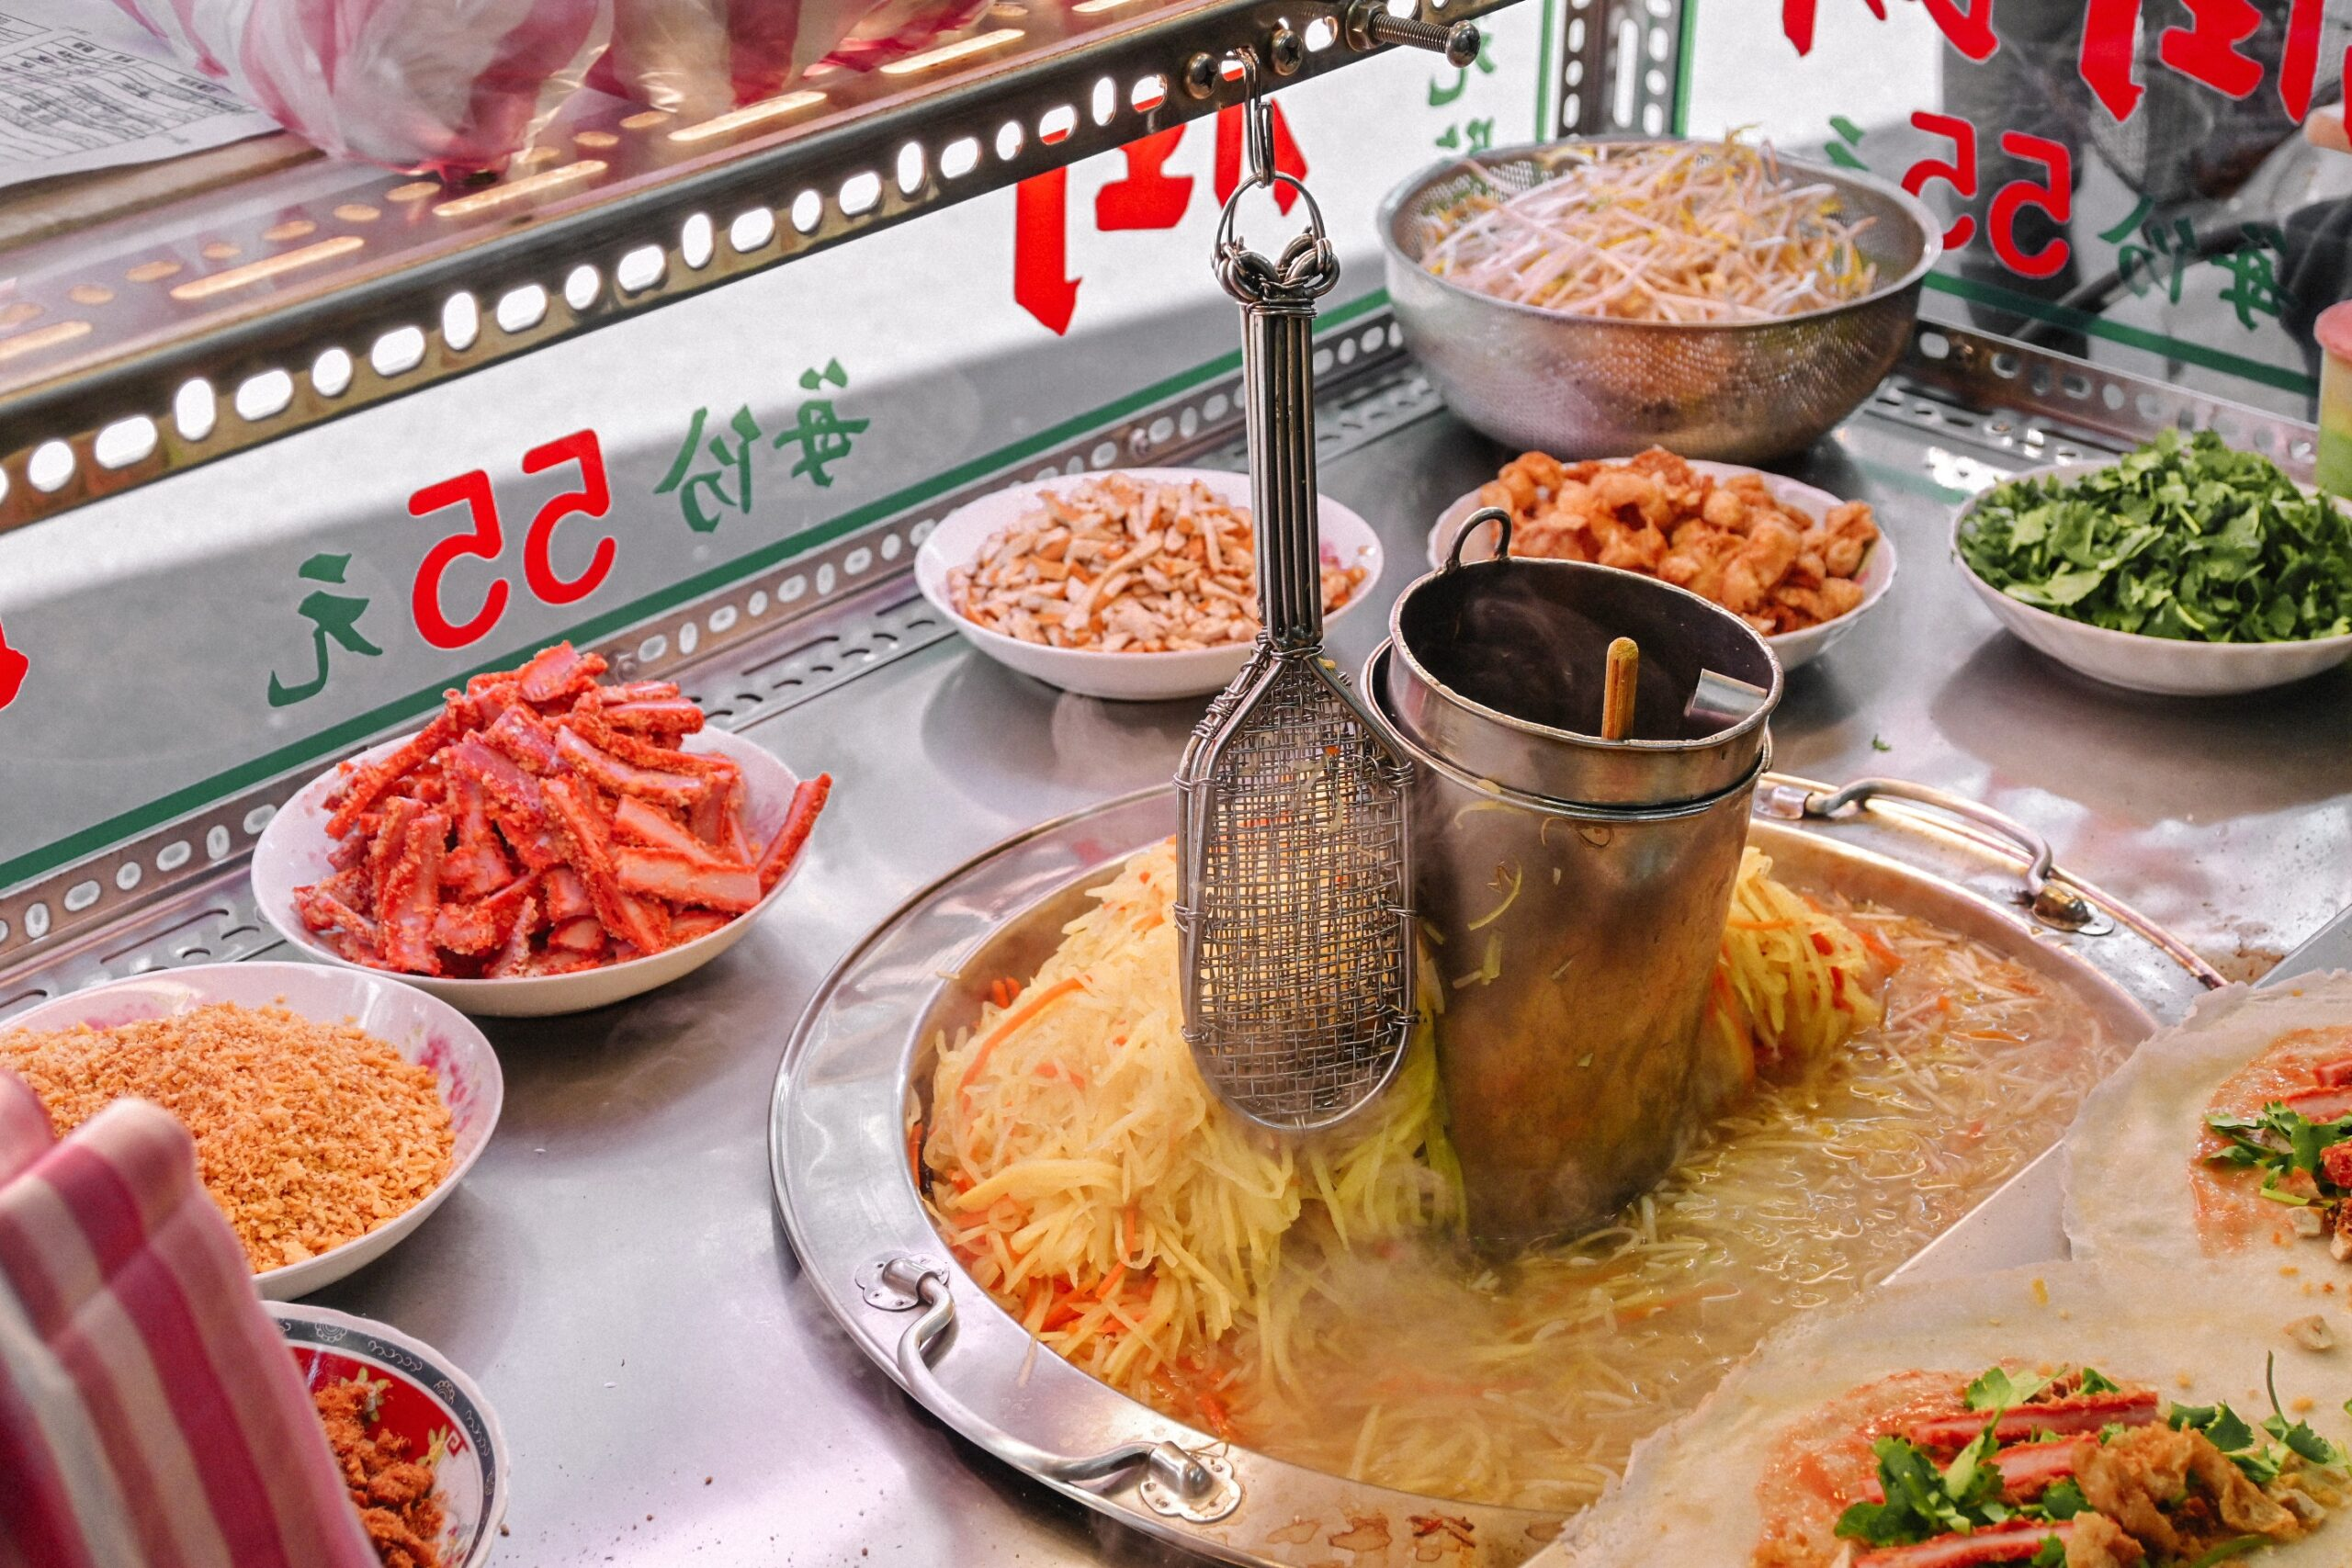 吾旺再季潤餅捲專賣(原松青潤餅):2019、2020、2021米其林必比登推薦必吃美食/南機場夜市 @女子的休假計劃